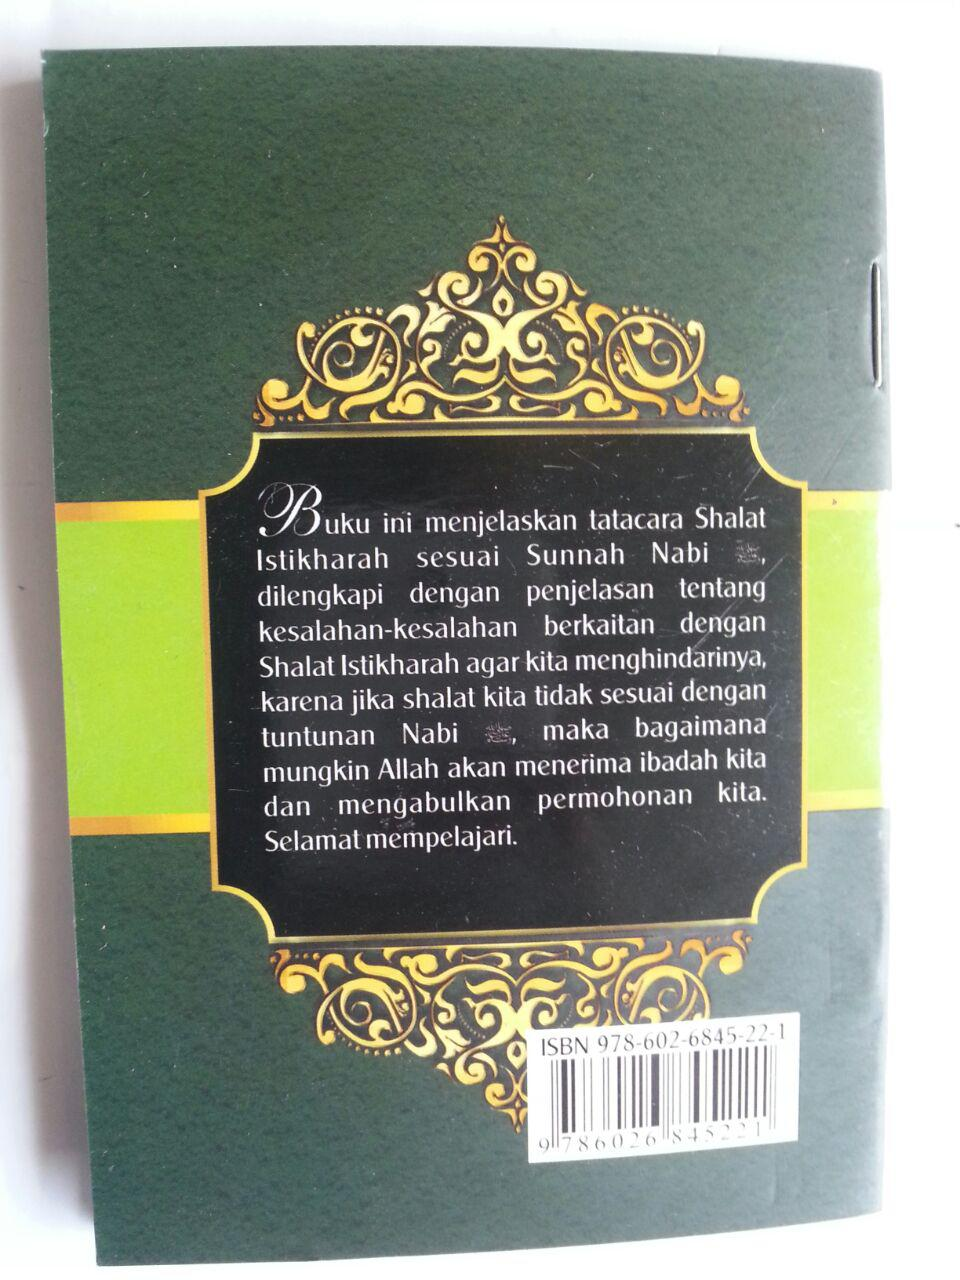 Buku Saku Tuntunan Shalat Istikharah Sesuai Sunnah Nabi cover 2